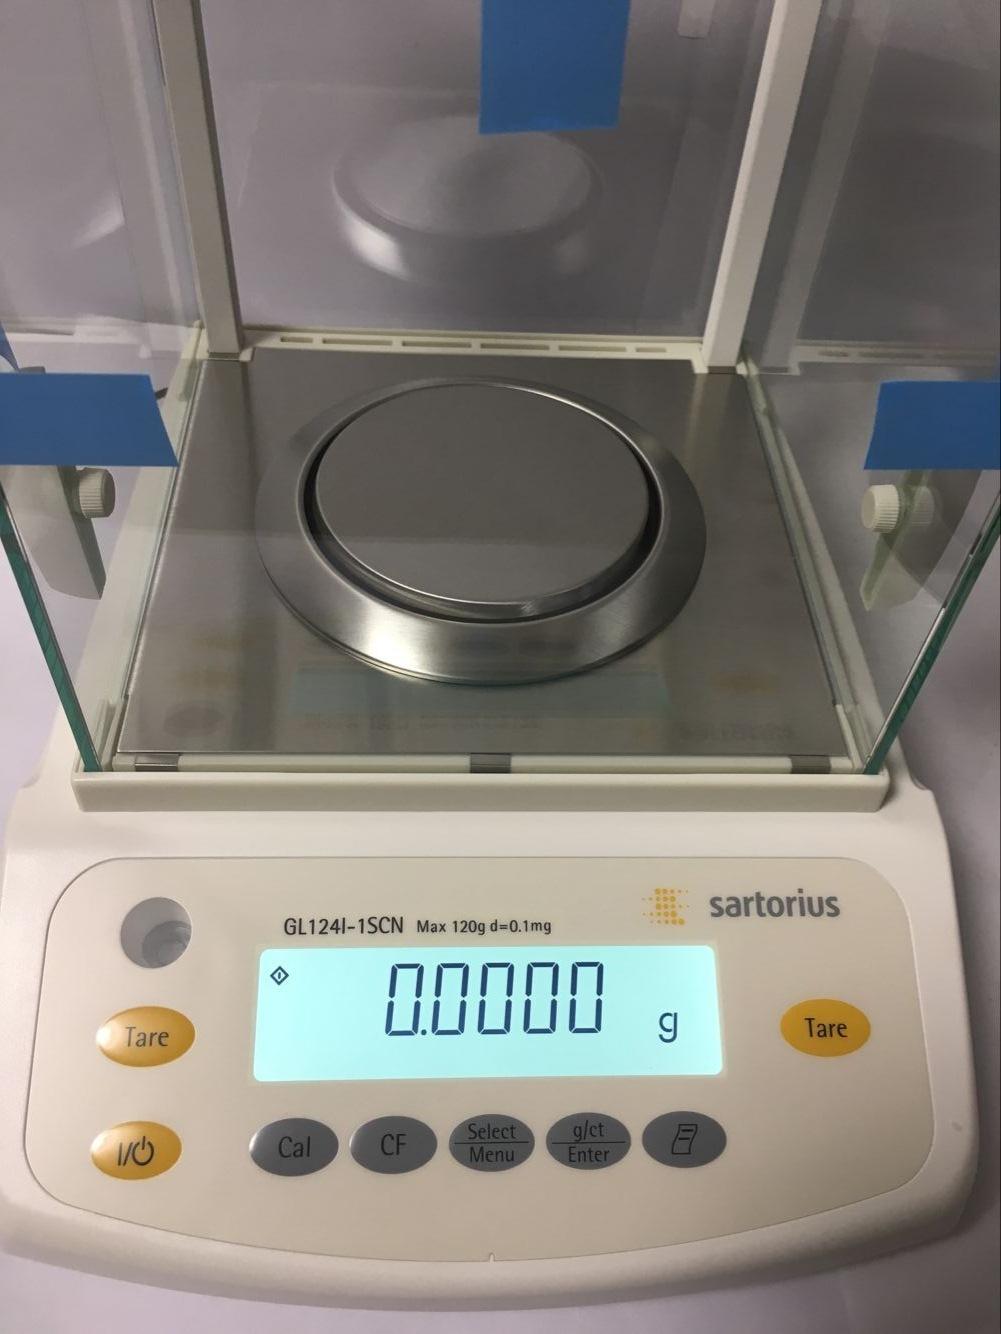 Dụng cụ phòng thí nghiệm Sartorius GL124-1SCN / GL224-1SCN Một mười nghìn cân phân tích điện tử